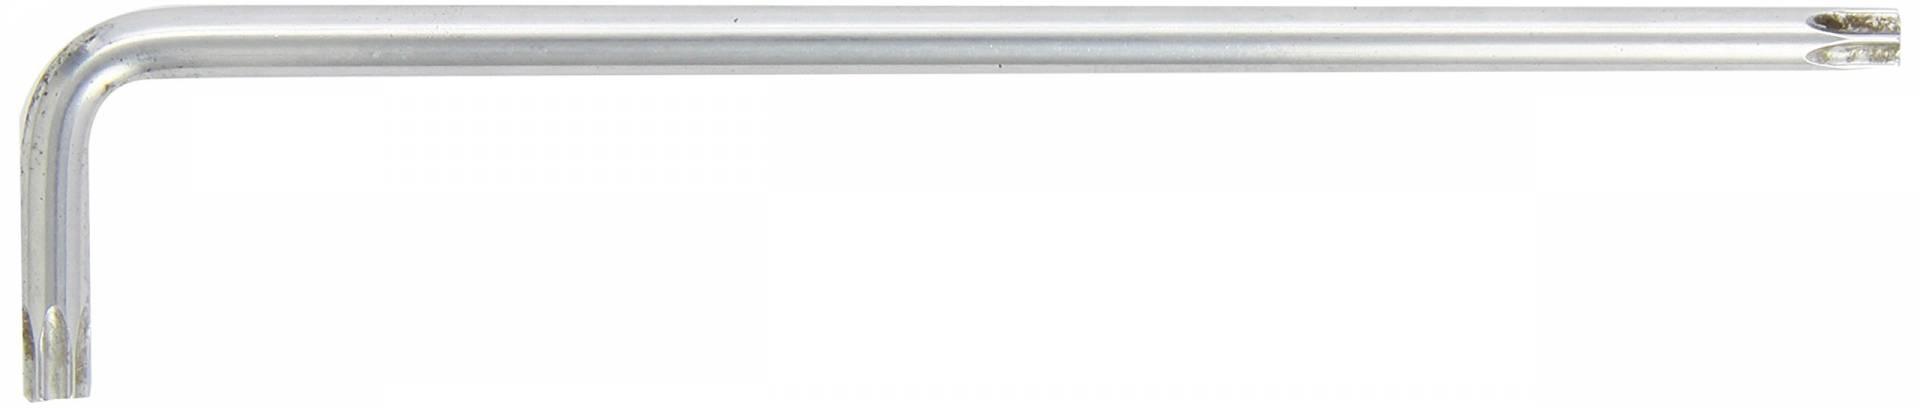 18mm KS Tools 503.4988 GEARplus RINGSTOP-Stecknuss mit Bohrung